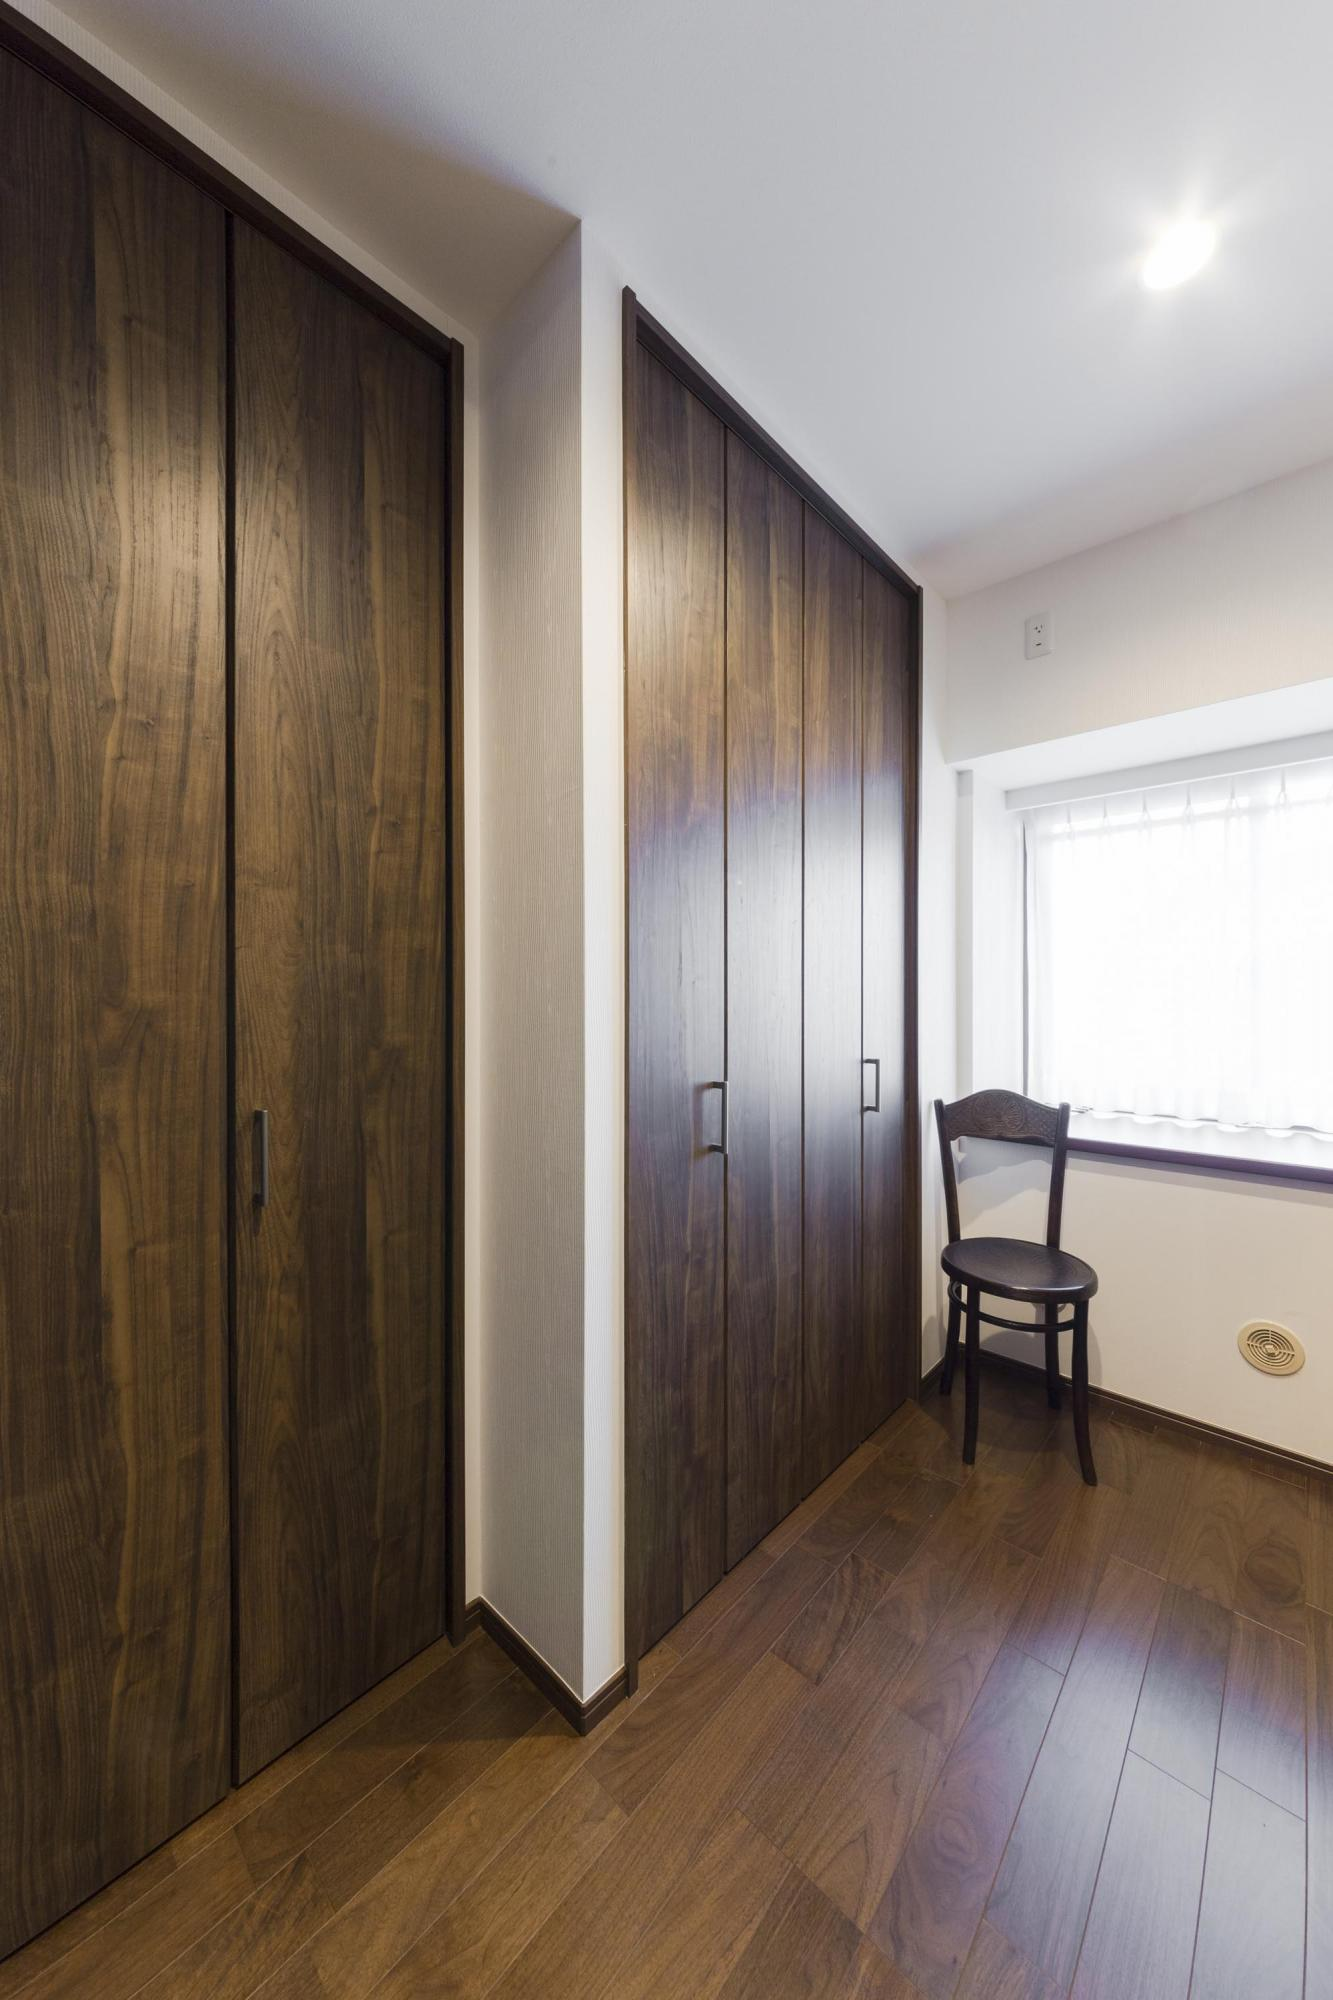 外廊下側の洋室をウォークイン・クロゼットにして、十分な収納スペースを確保した。